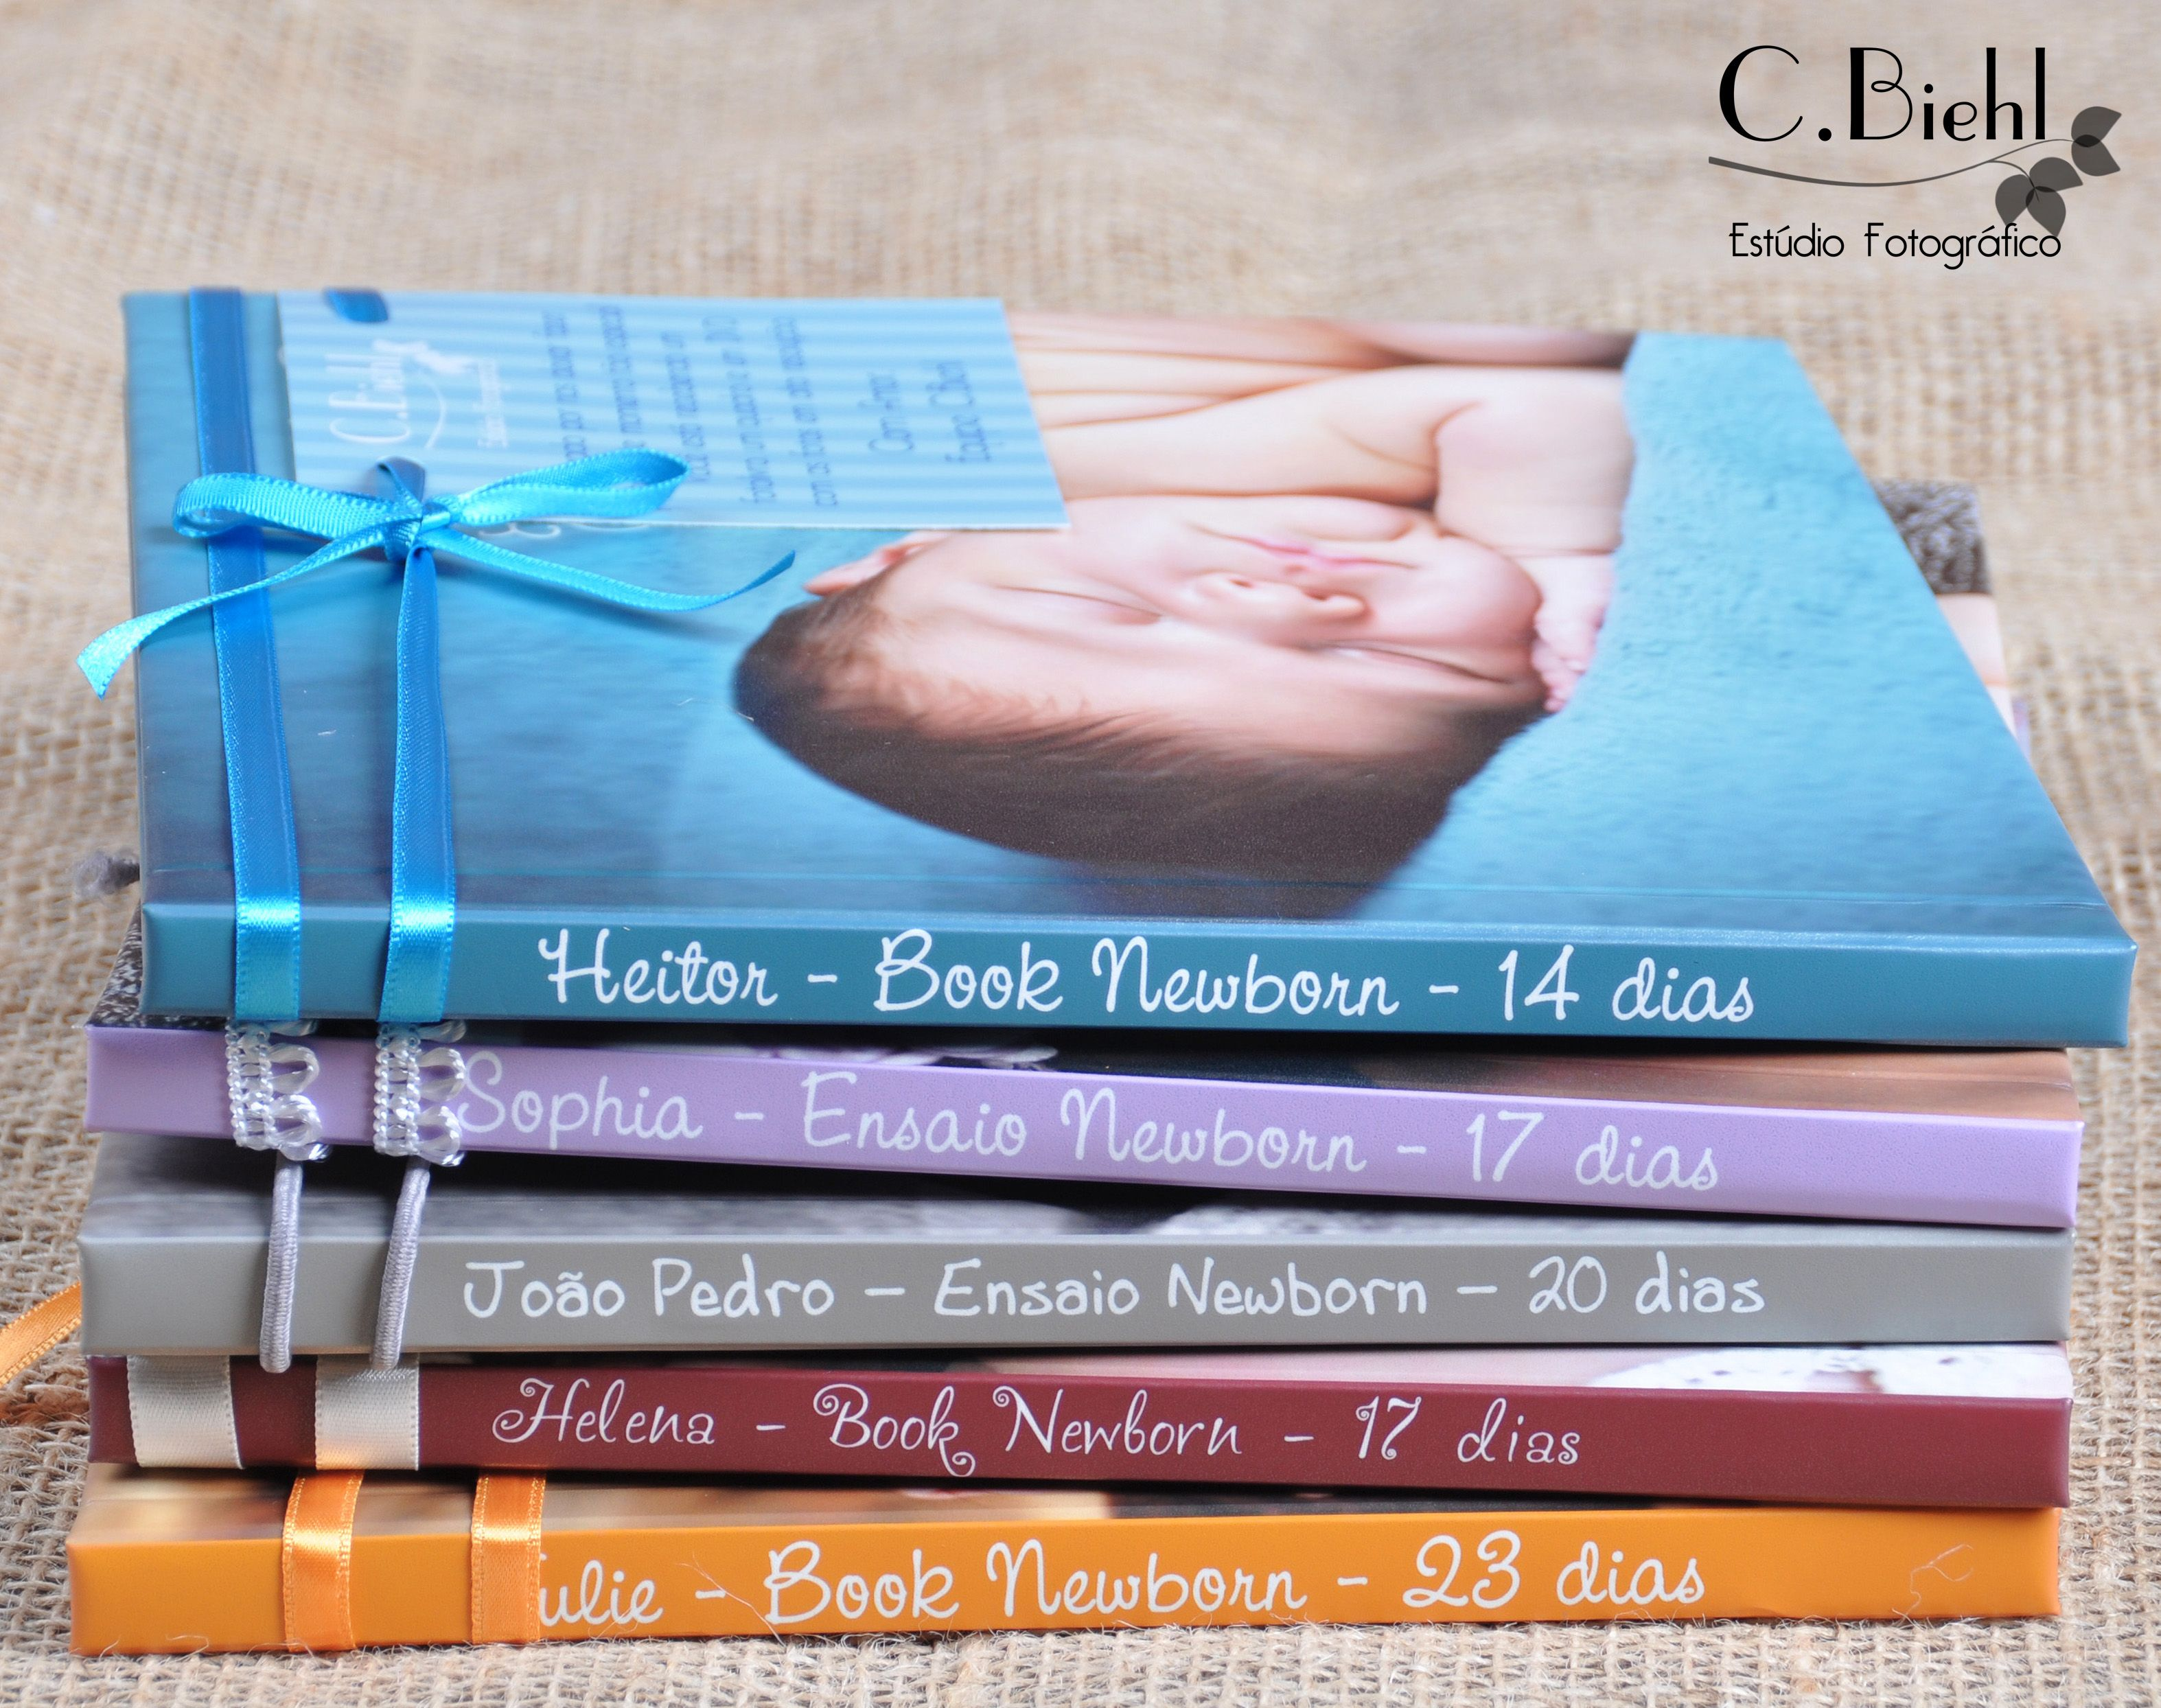 Fotolivros de Newborn - C.Biehl Estúdio  Porto Alegre  - handmade crafting - feitos com carinho - livros editorados - Embalagens Personalizadas www.cbiehl.com.br